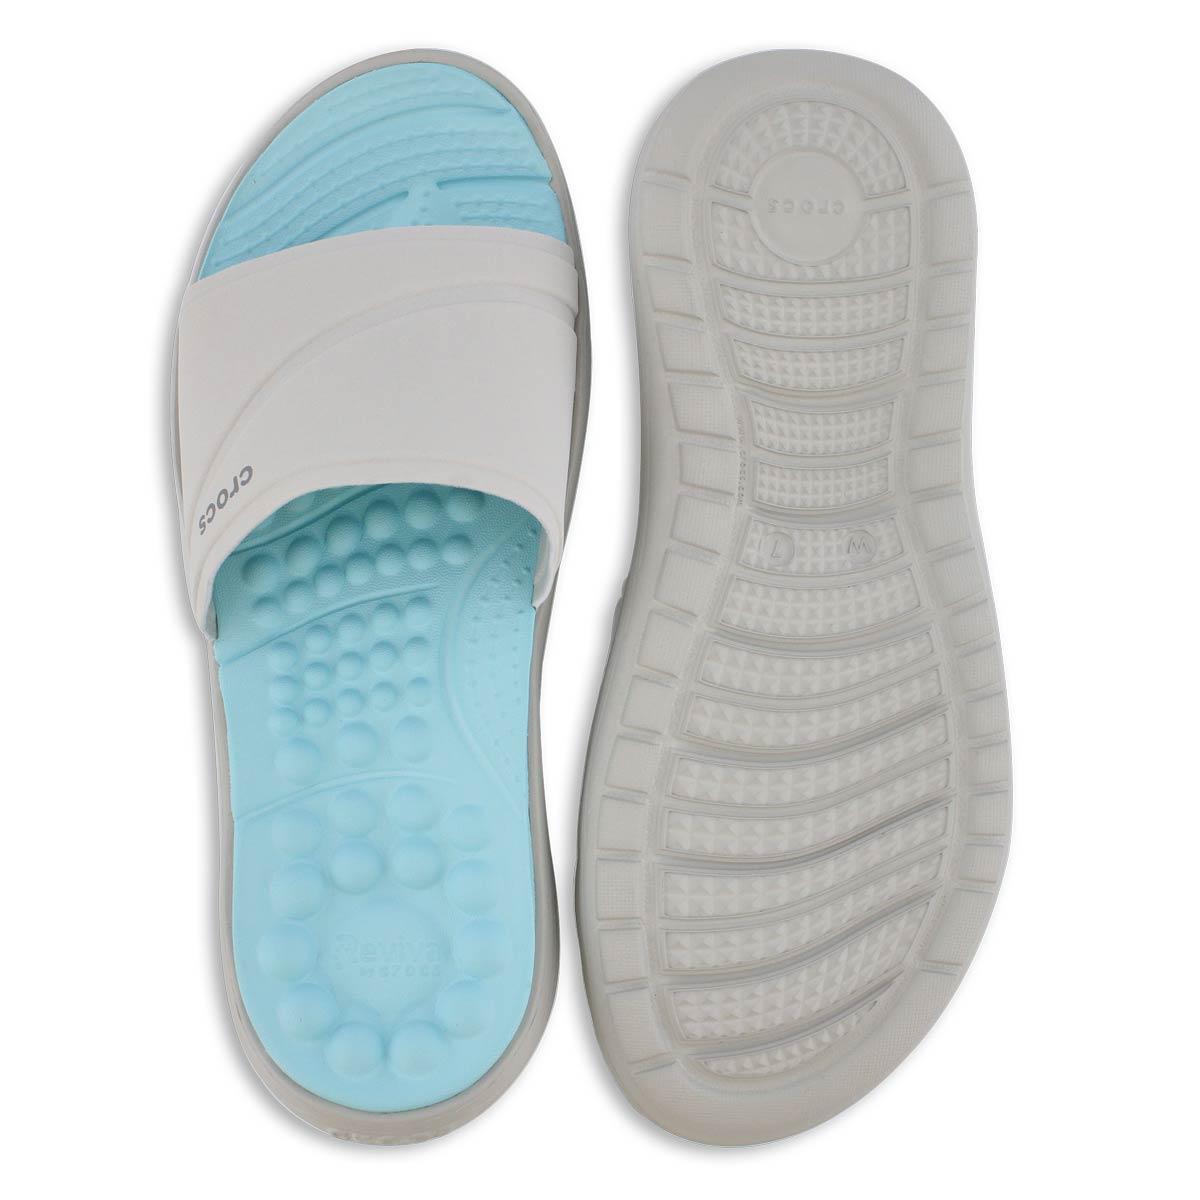 Lds Reviva white slide sandal